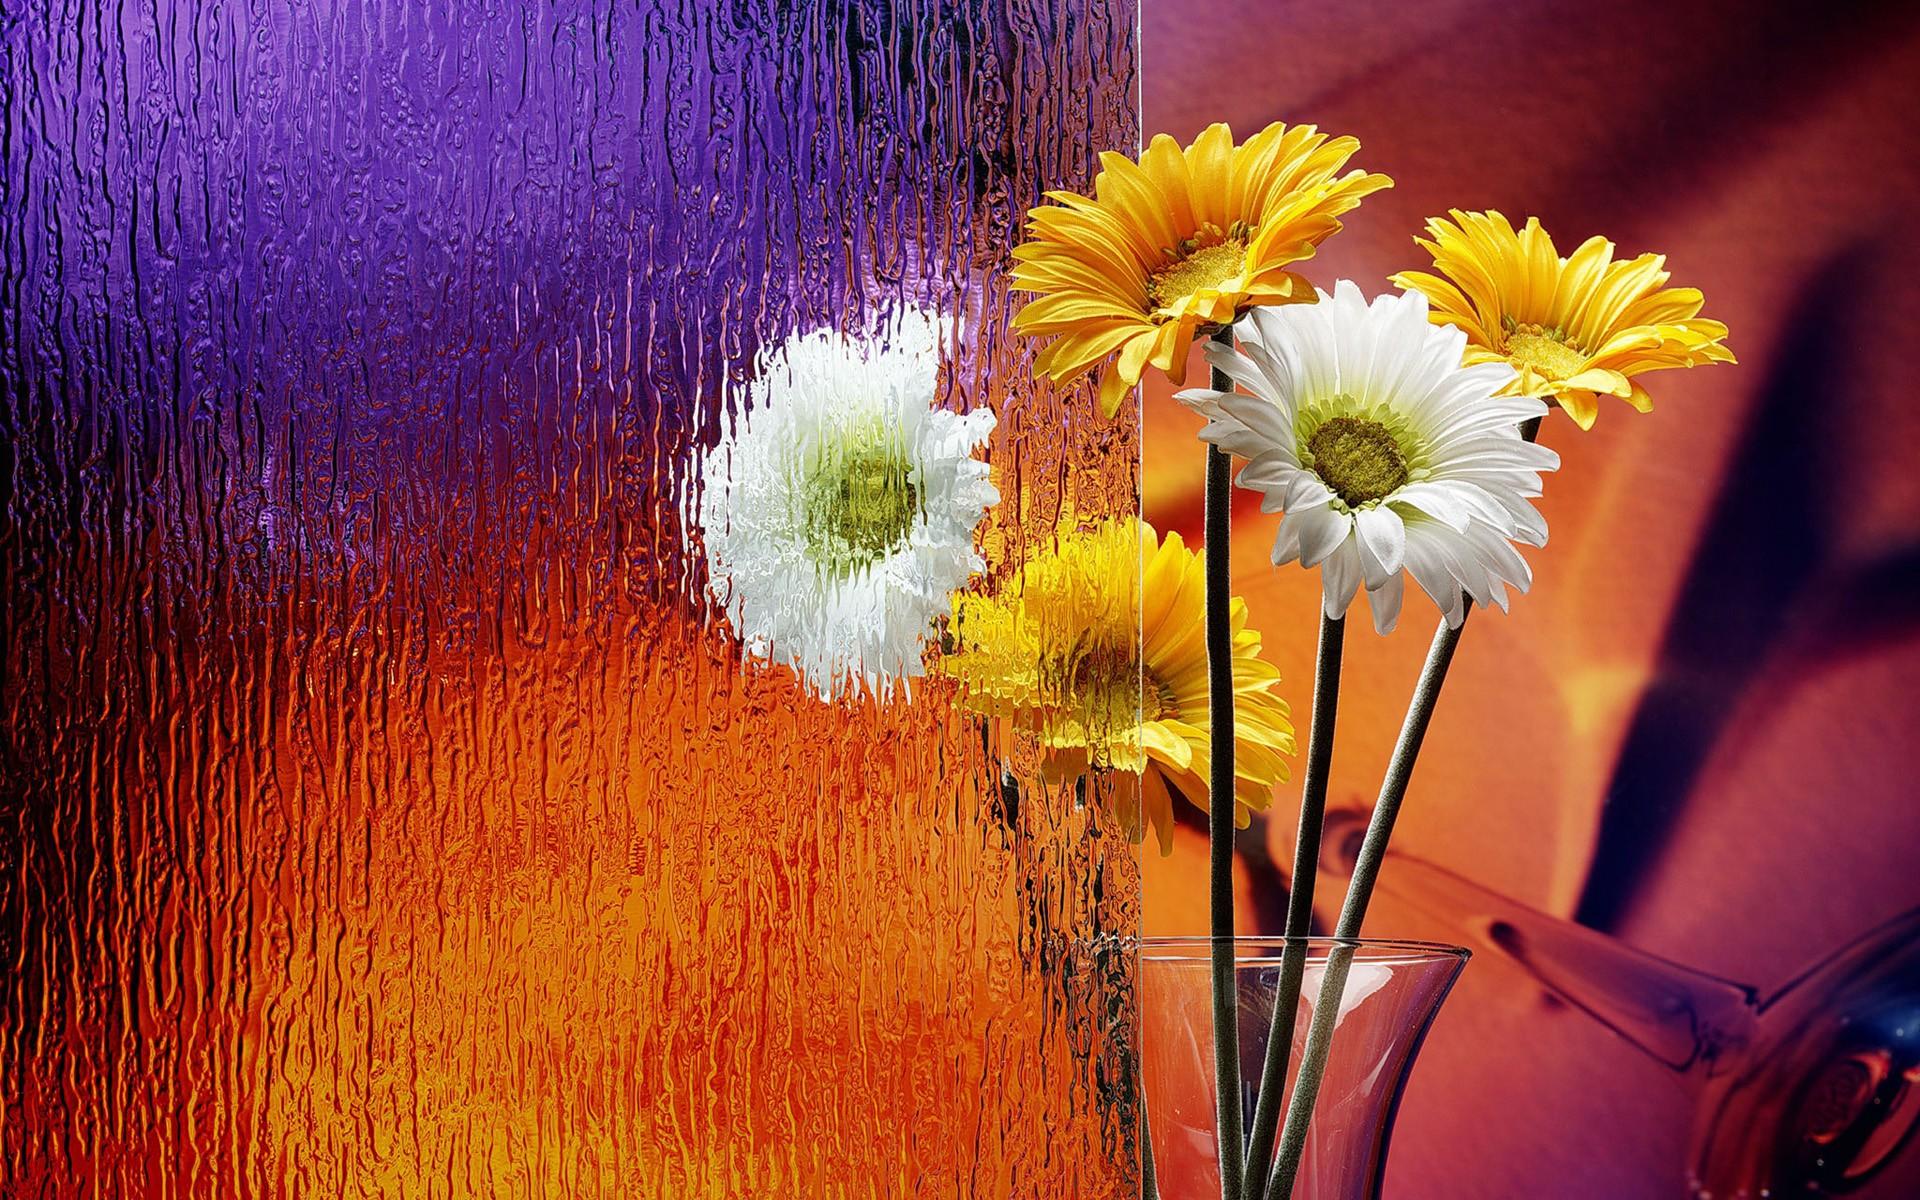 Un florero hermoso - 1920x1200